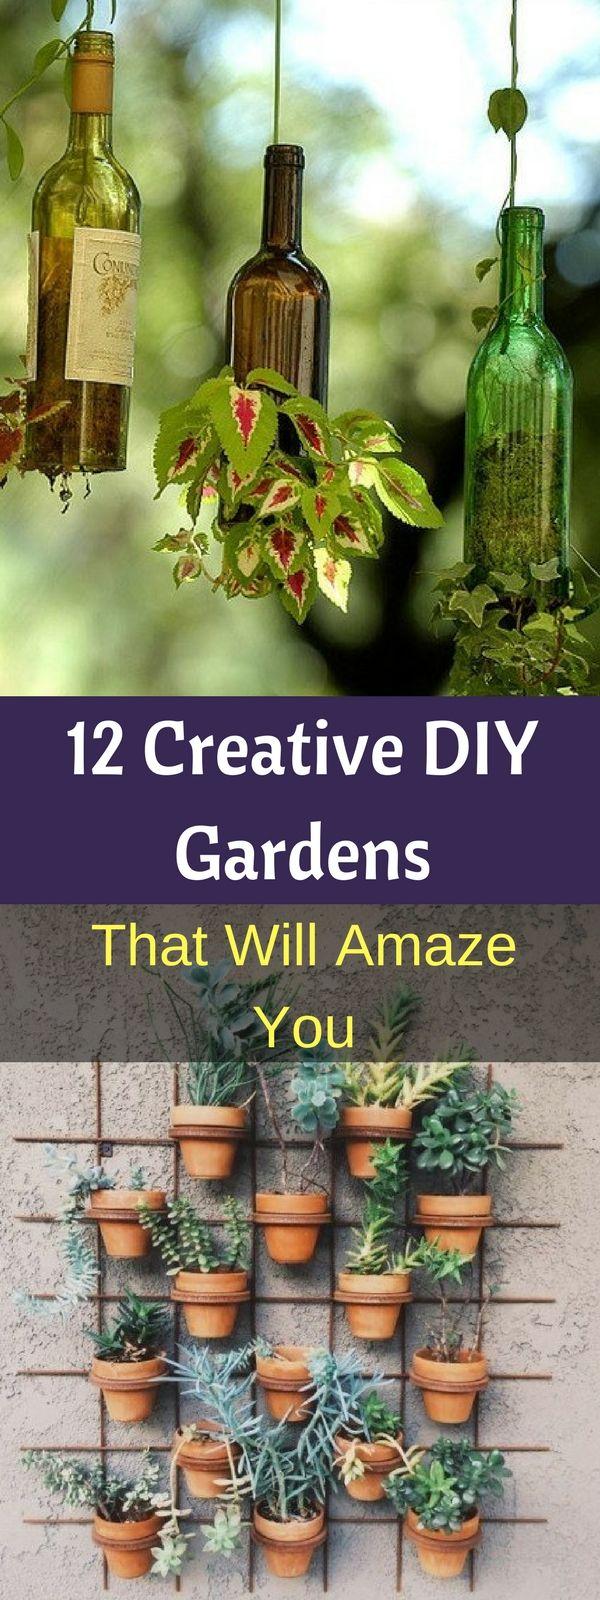 12 Creative DIY Gardens That Will Amaze